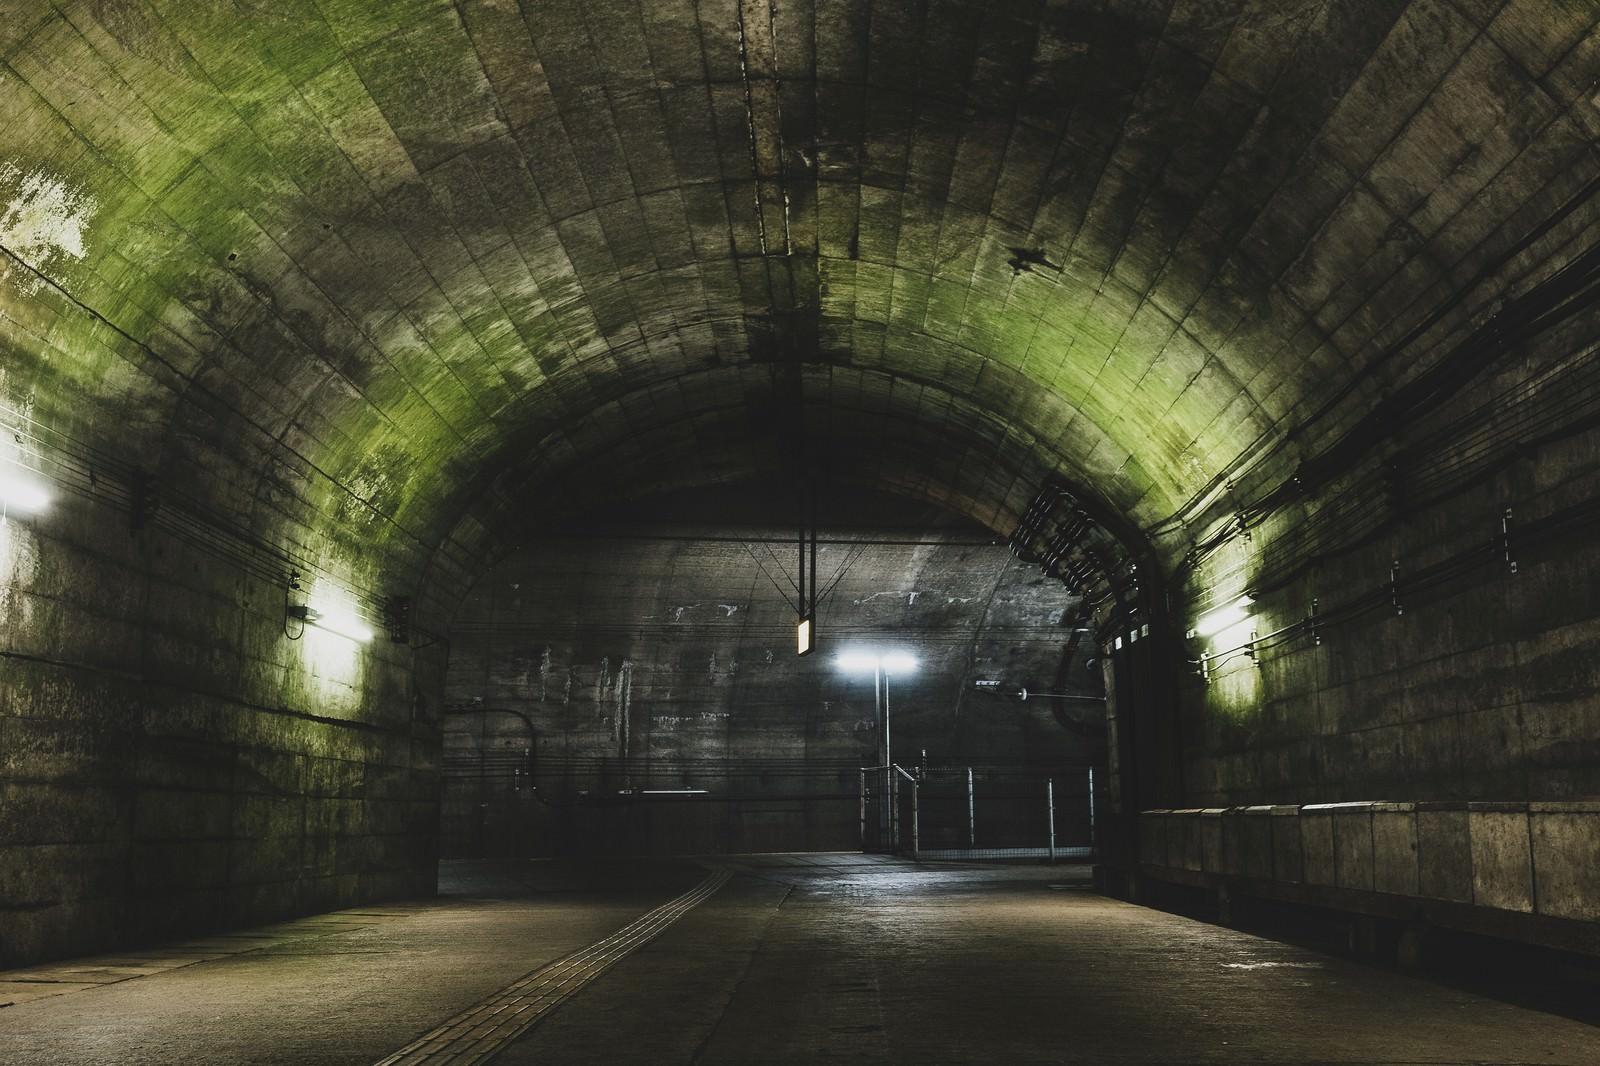 「トンネルを抜けた先にある土合駅地下ホーム」の写真